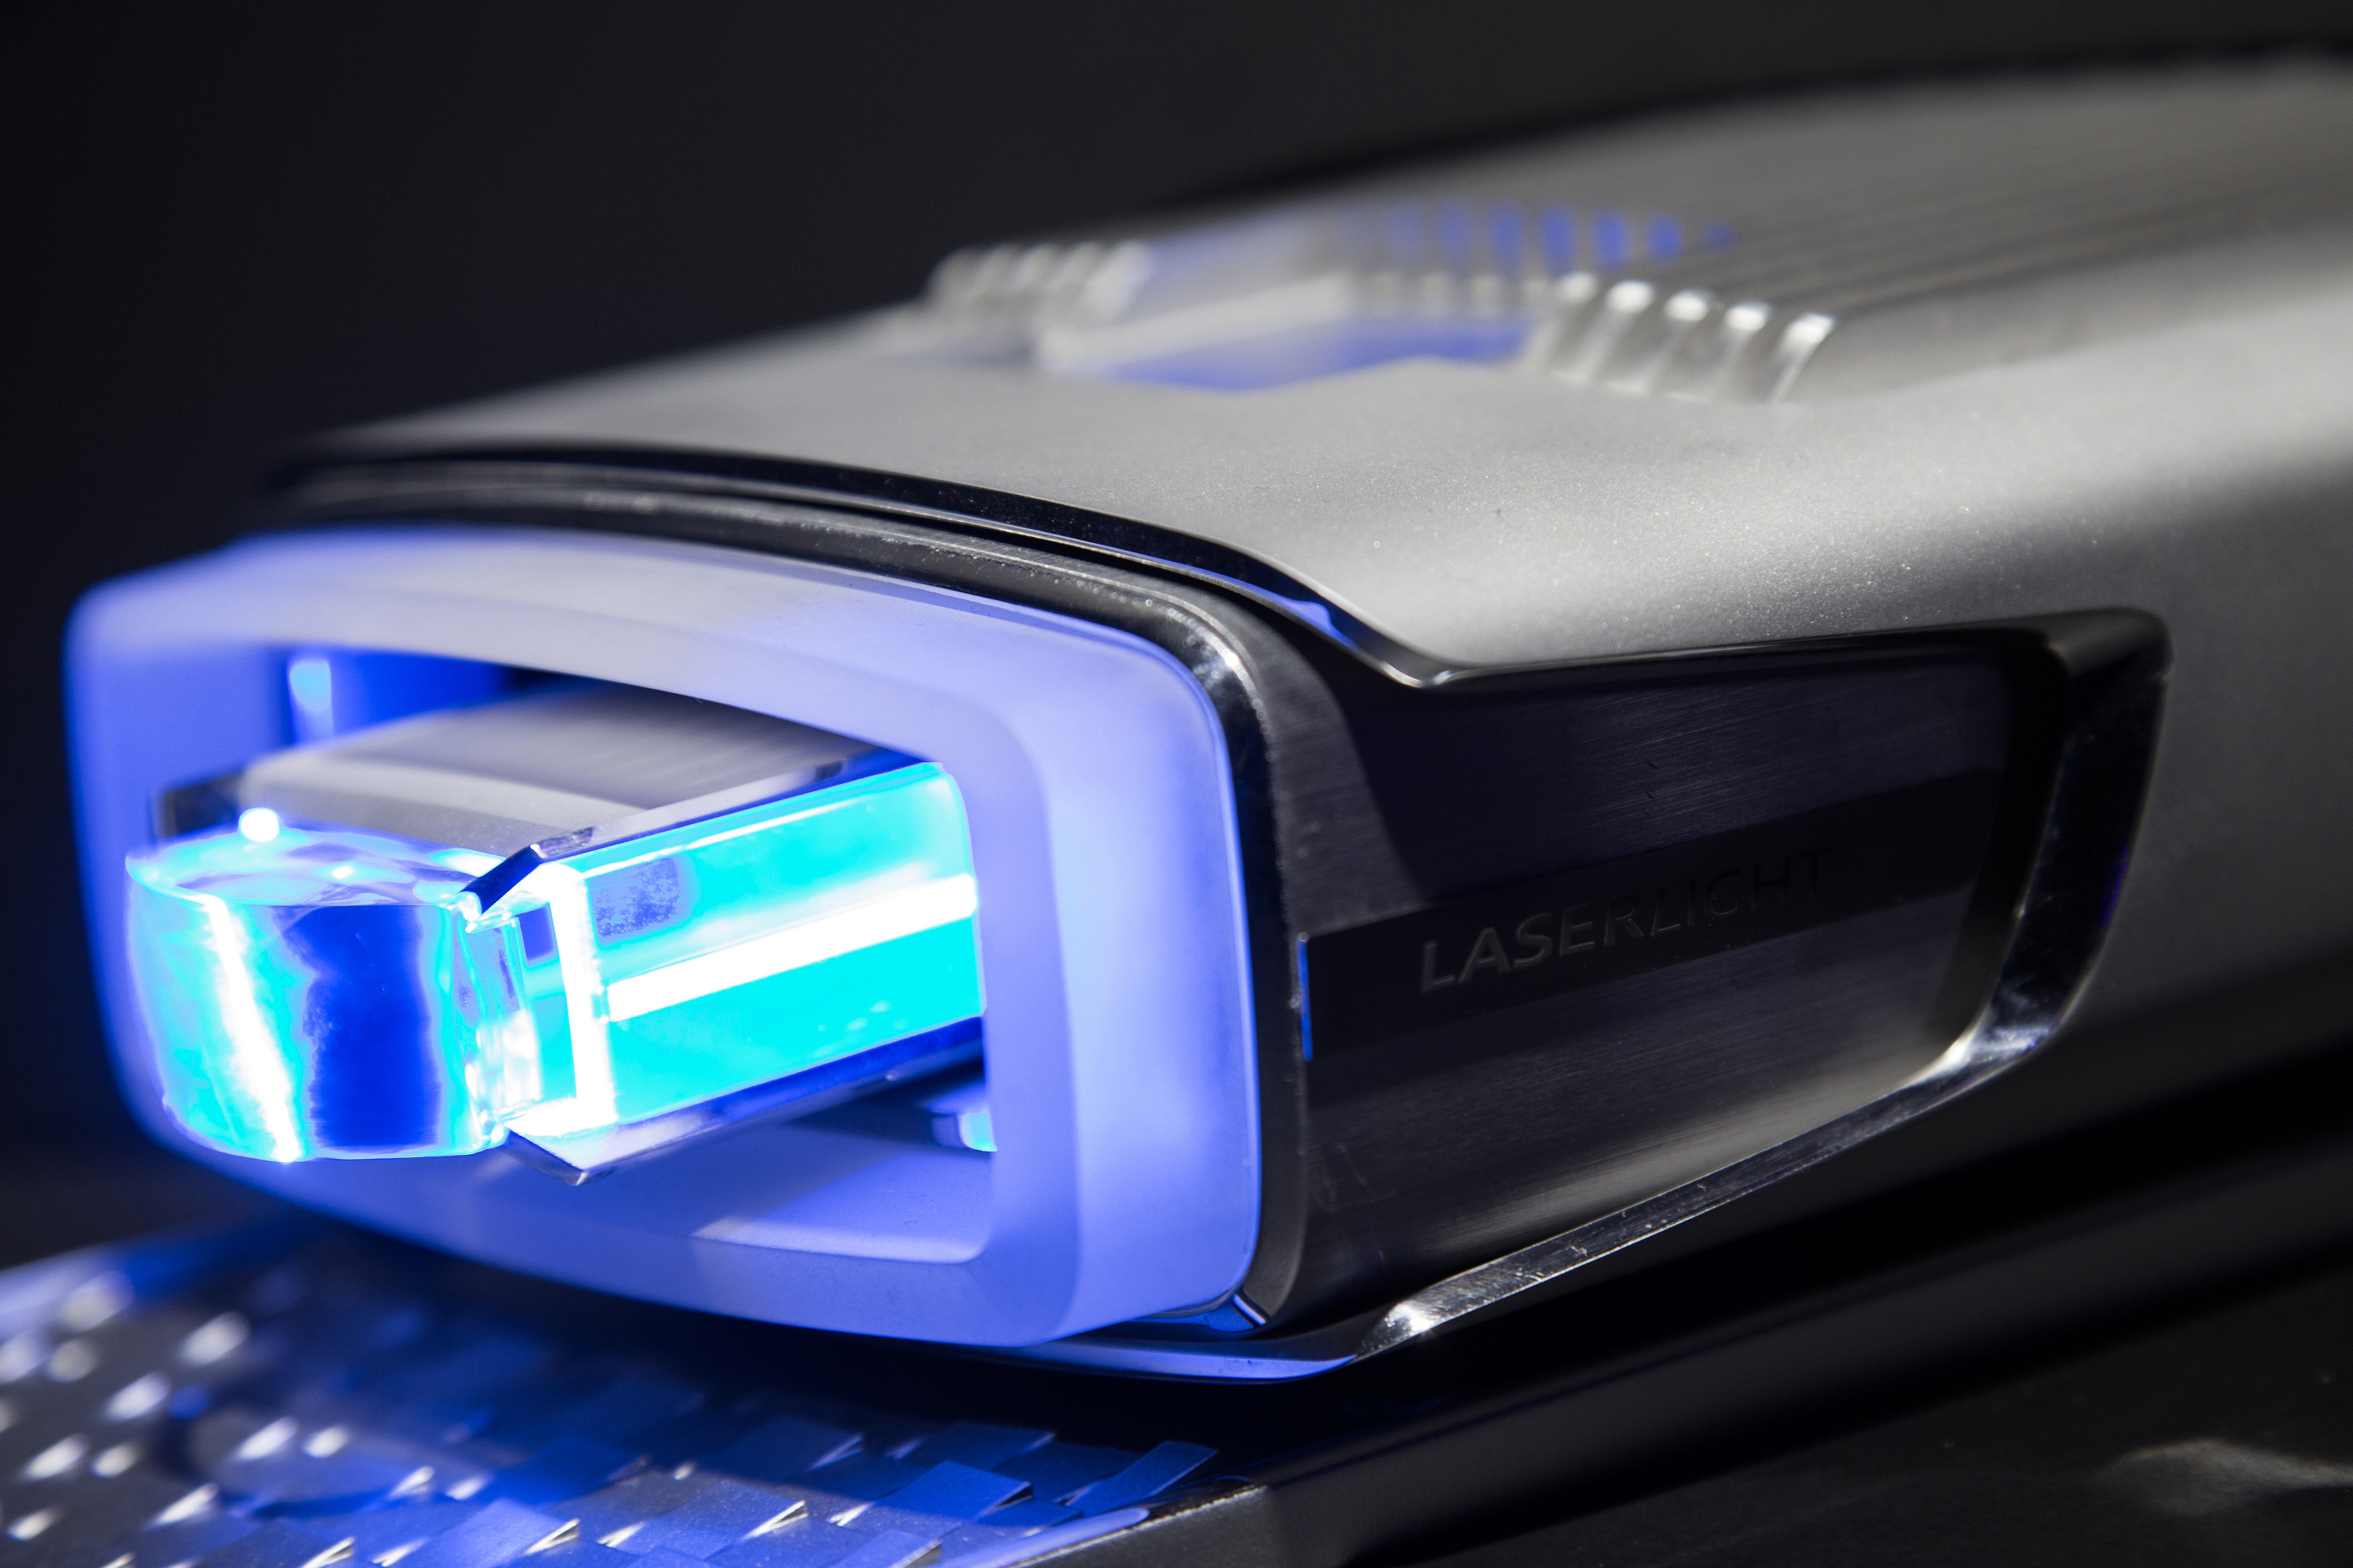 Ces 2014 Audi Et Bmw Se Battent Au Phare Laser Geeks